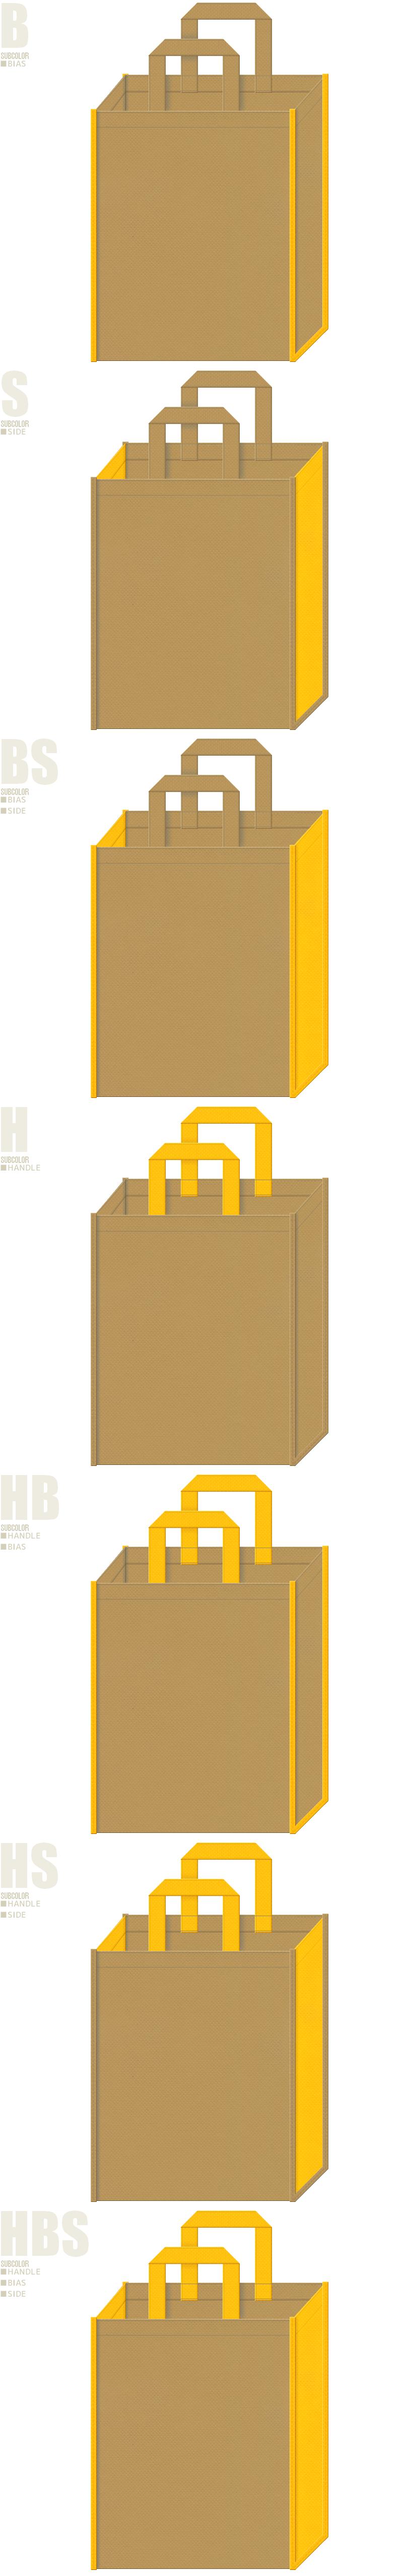 安全用品の展示会用バッグにお奨めの不織布バッグデザイン:金黄土色と黄色の不織布バッグ配色7パターン。カレーパン・マロンケーキのイメージにもお奨めの配色です。